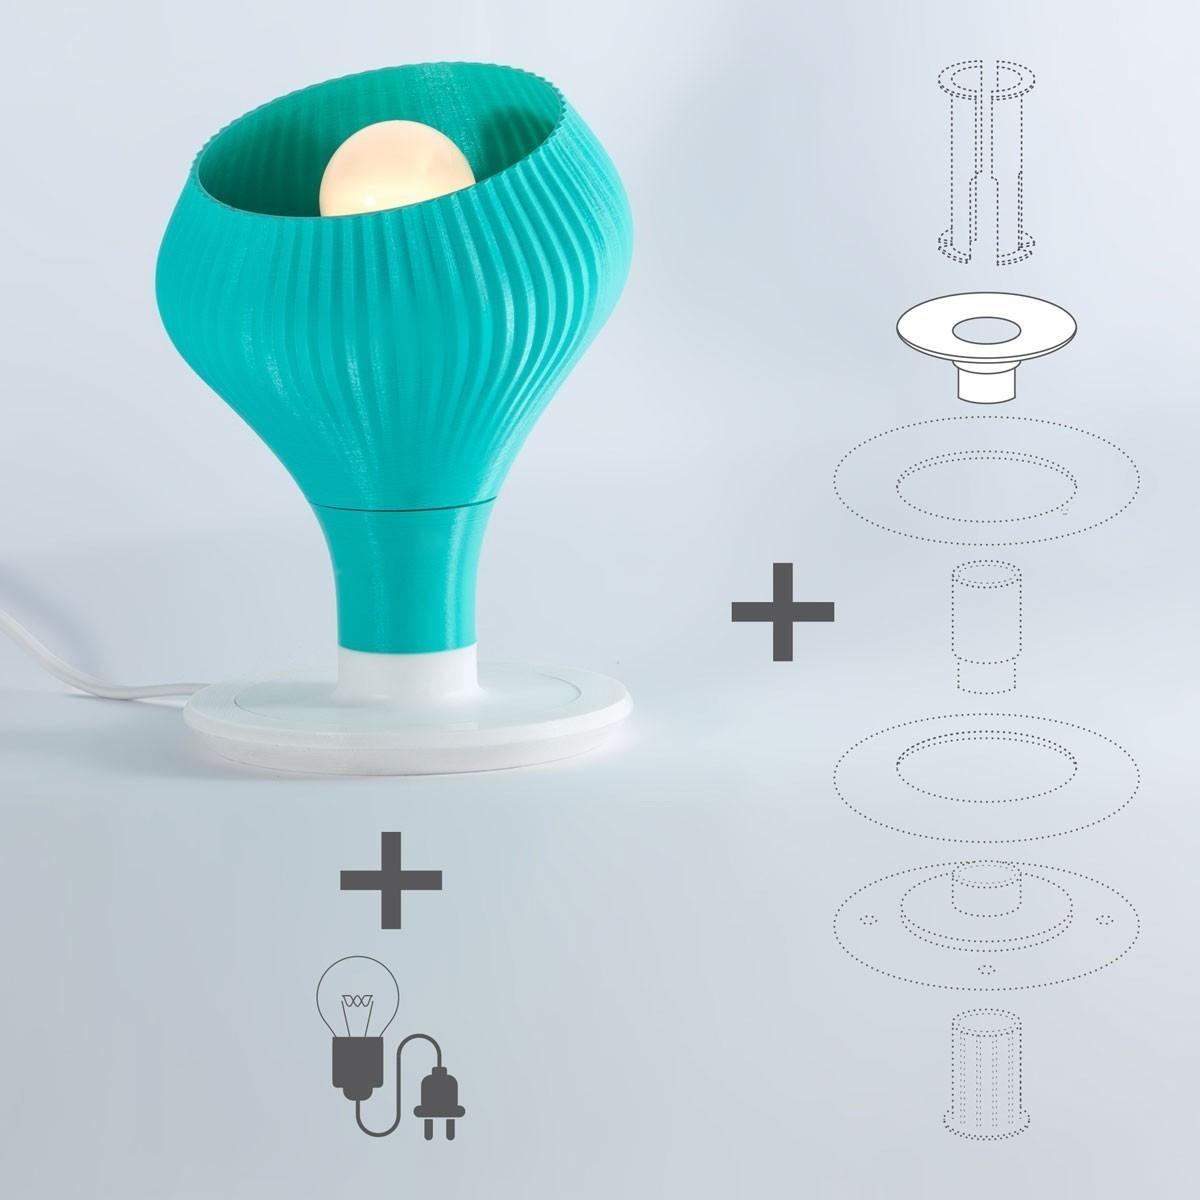 coralight_02_rev.04.jpg Download free STL file Coralight: Table Lamp • Design to 3D print, EUMAKERS